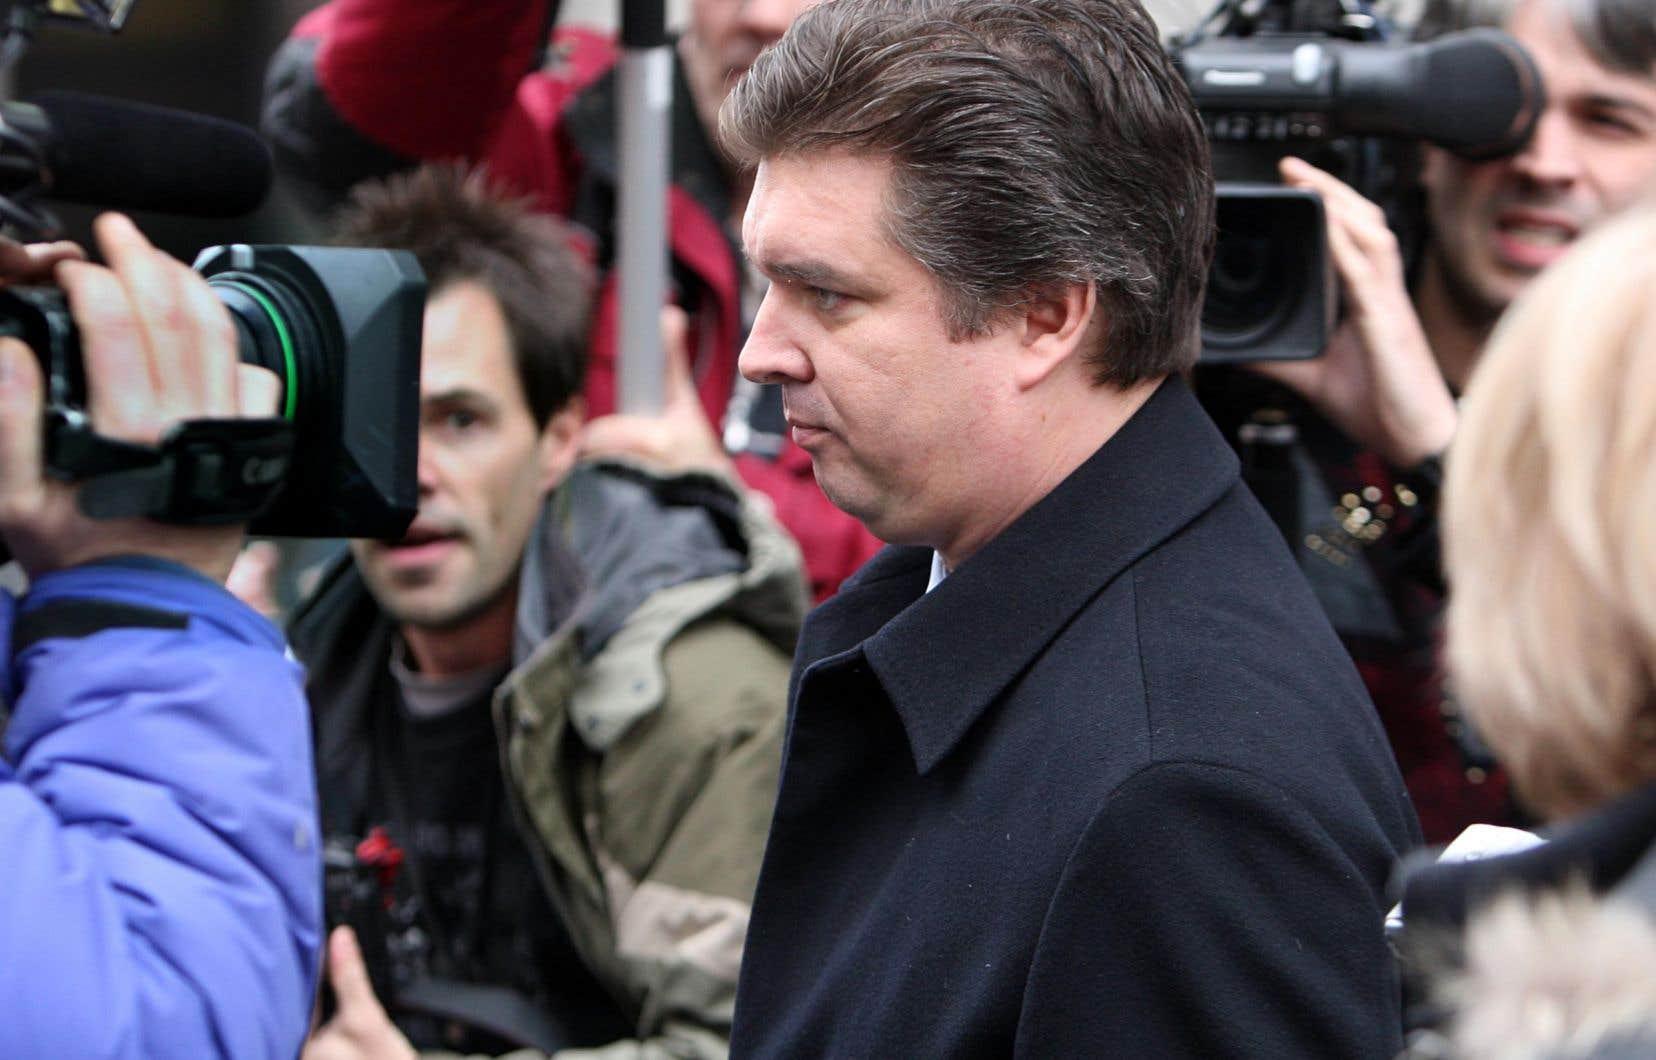 Vincent Lacroix a été littéralement assiégé par la faune médiatique, beaucoup plus nombreuse à l'occasion de son jugement qu'au cours des derniers mois.